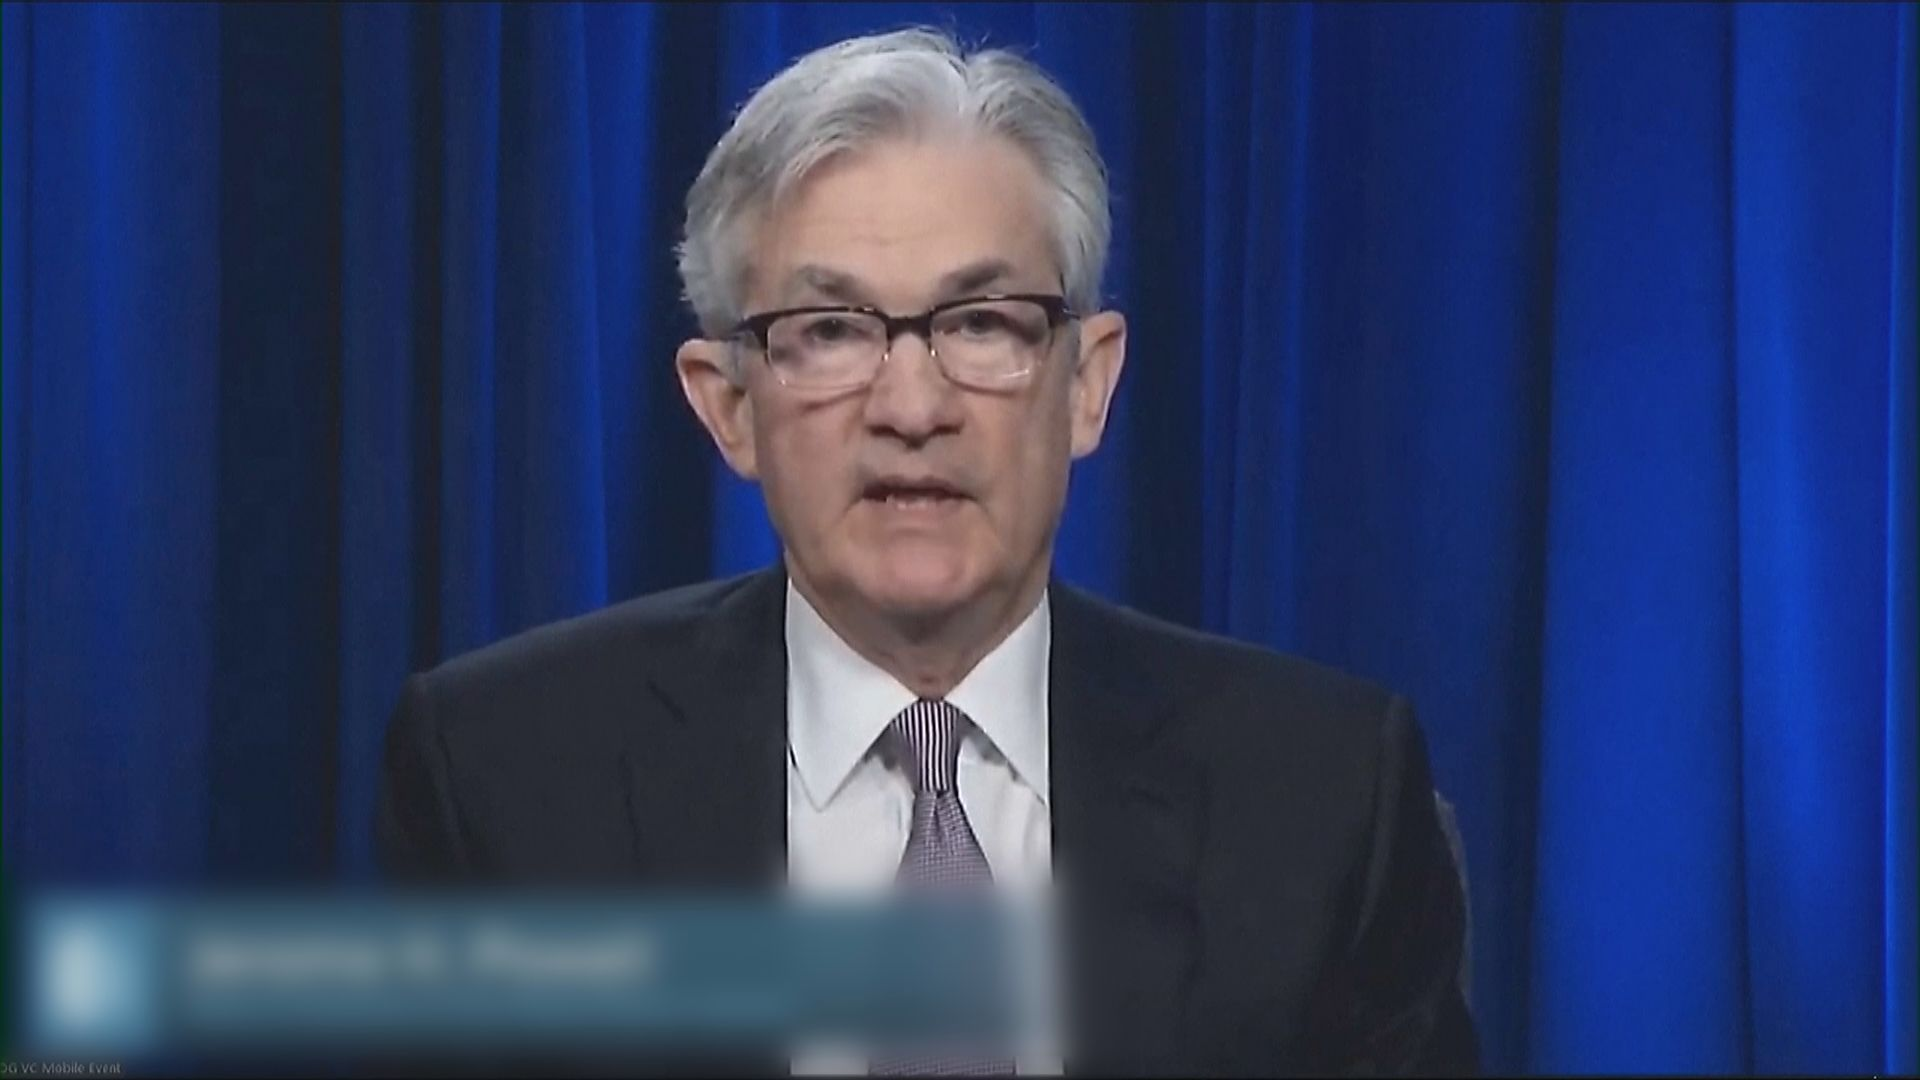 鮑威爾:疫情對經濟衝擊持續 經濟有顯著下行風險